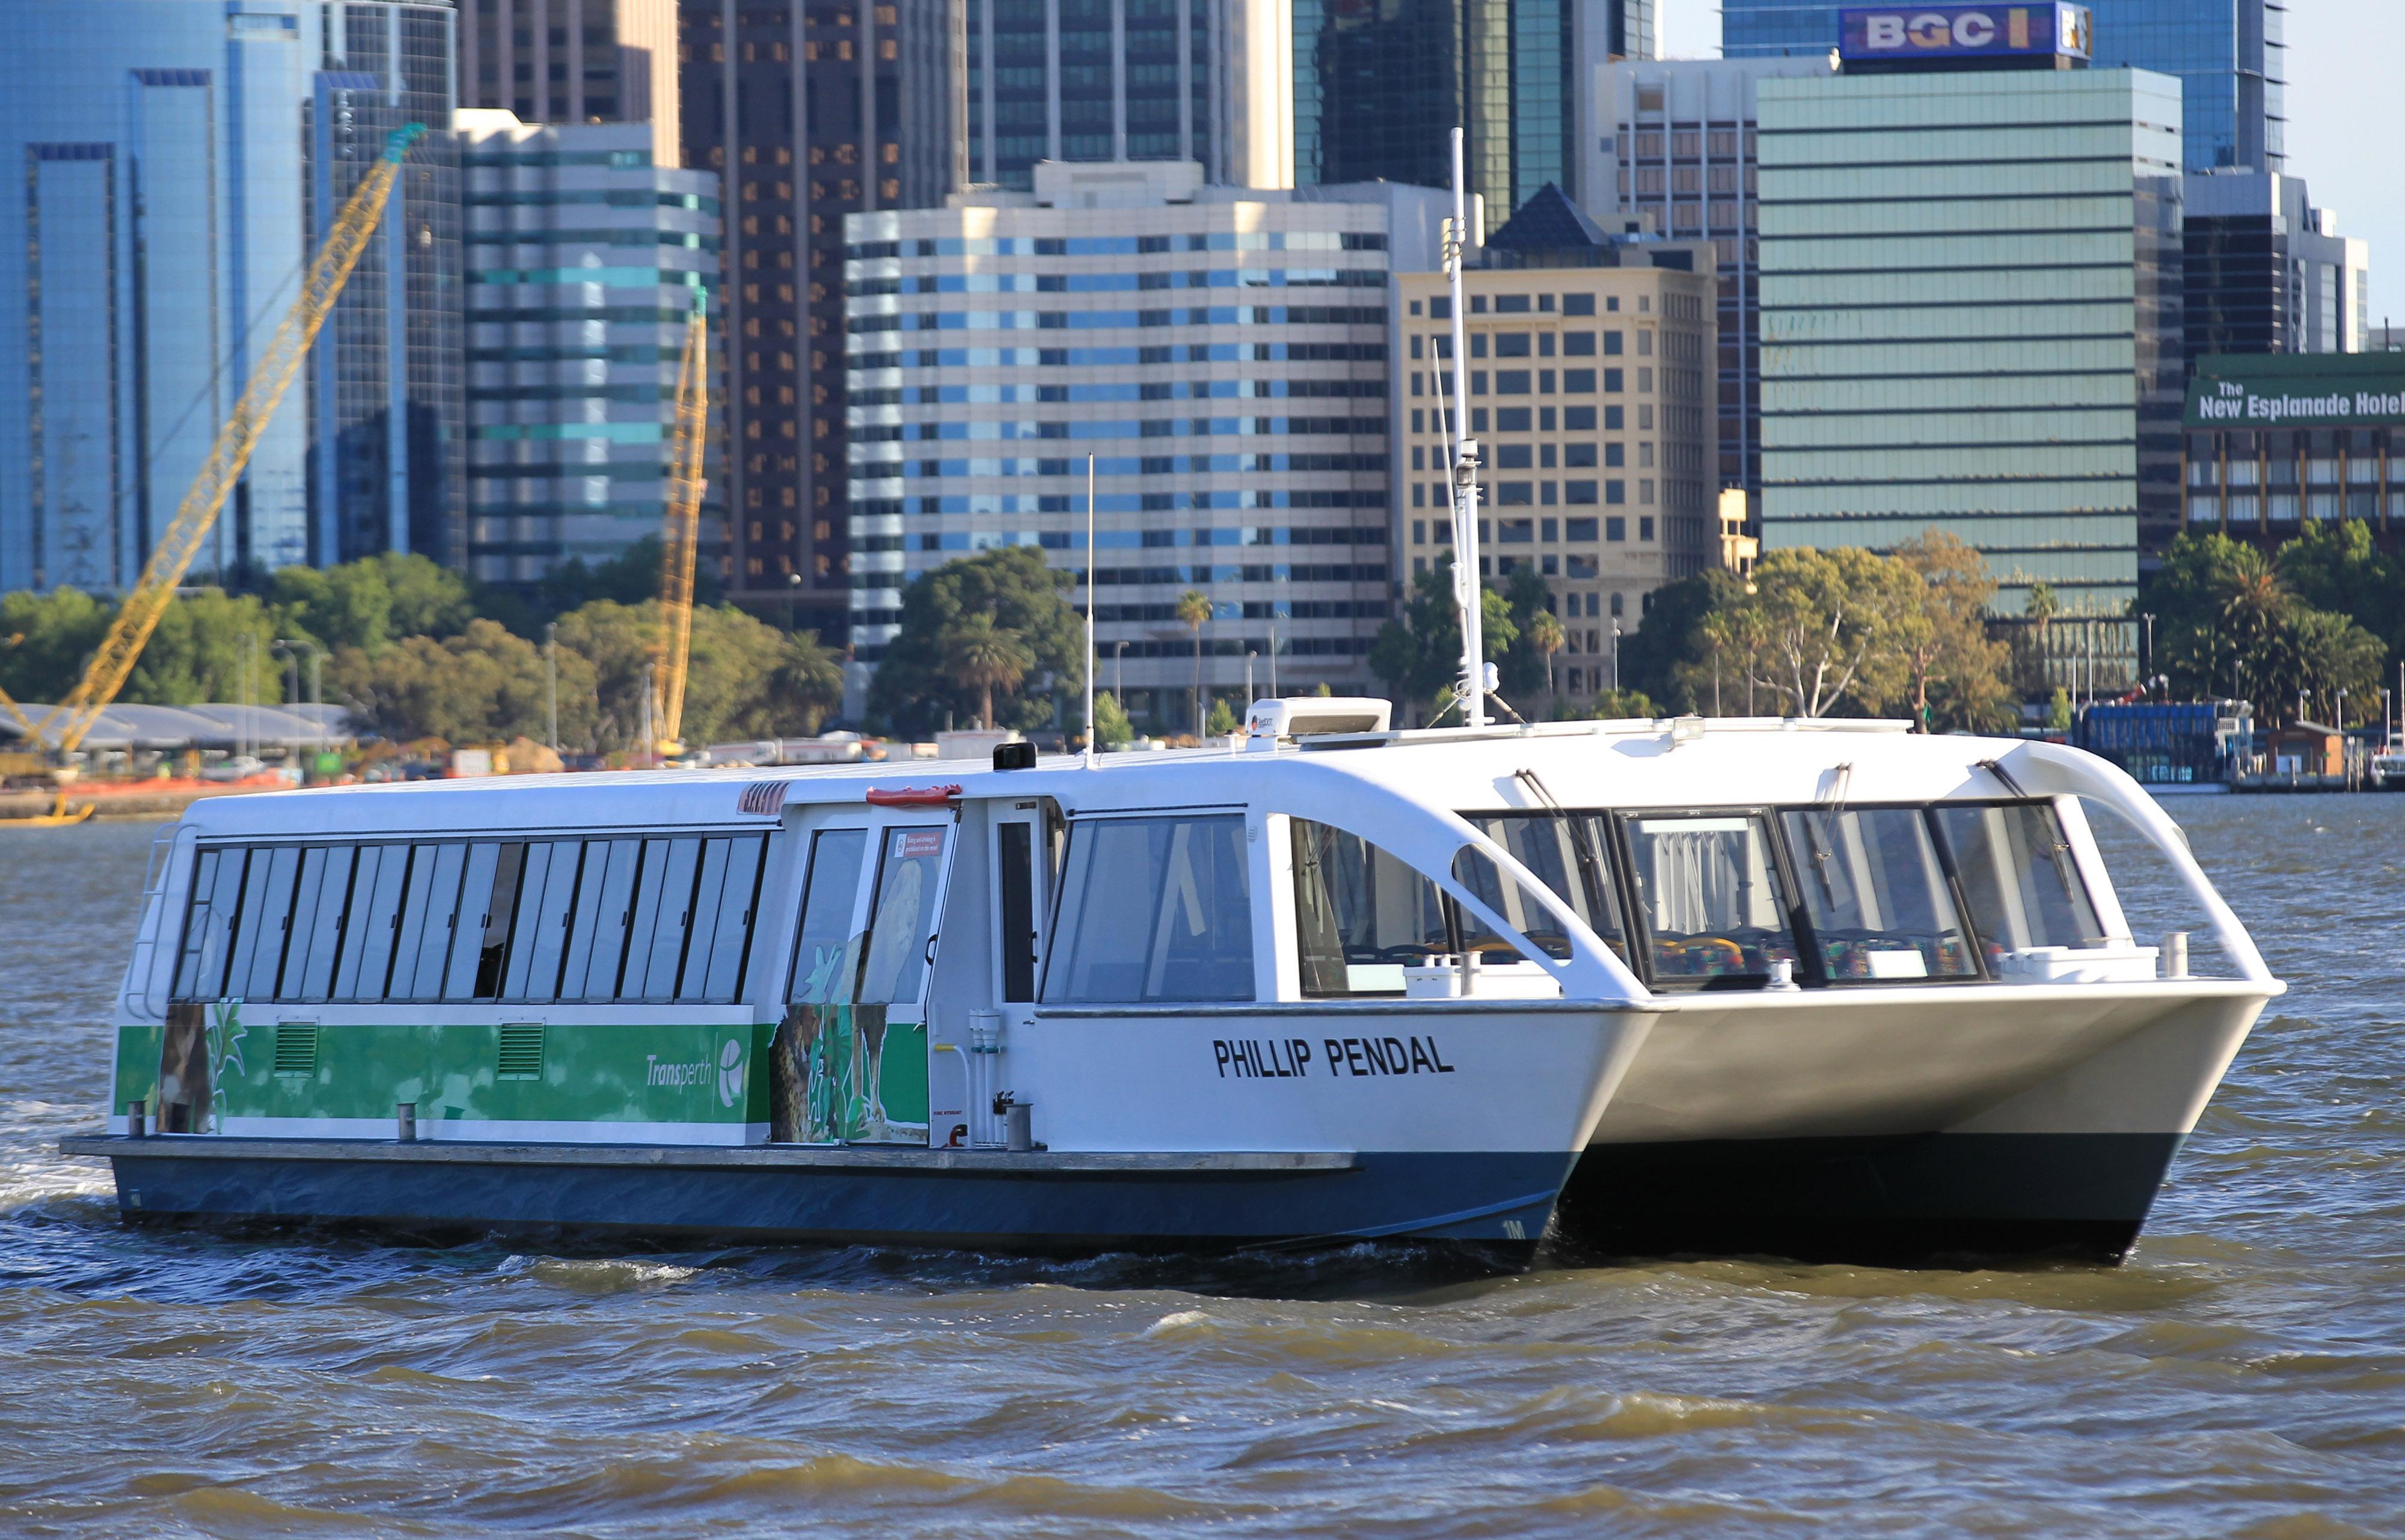 Phillip Pendal Boat Design perth